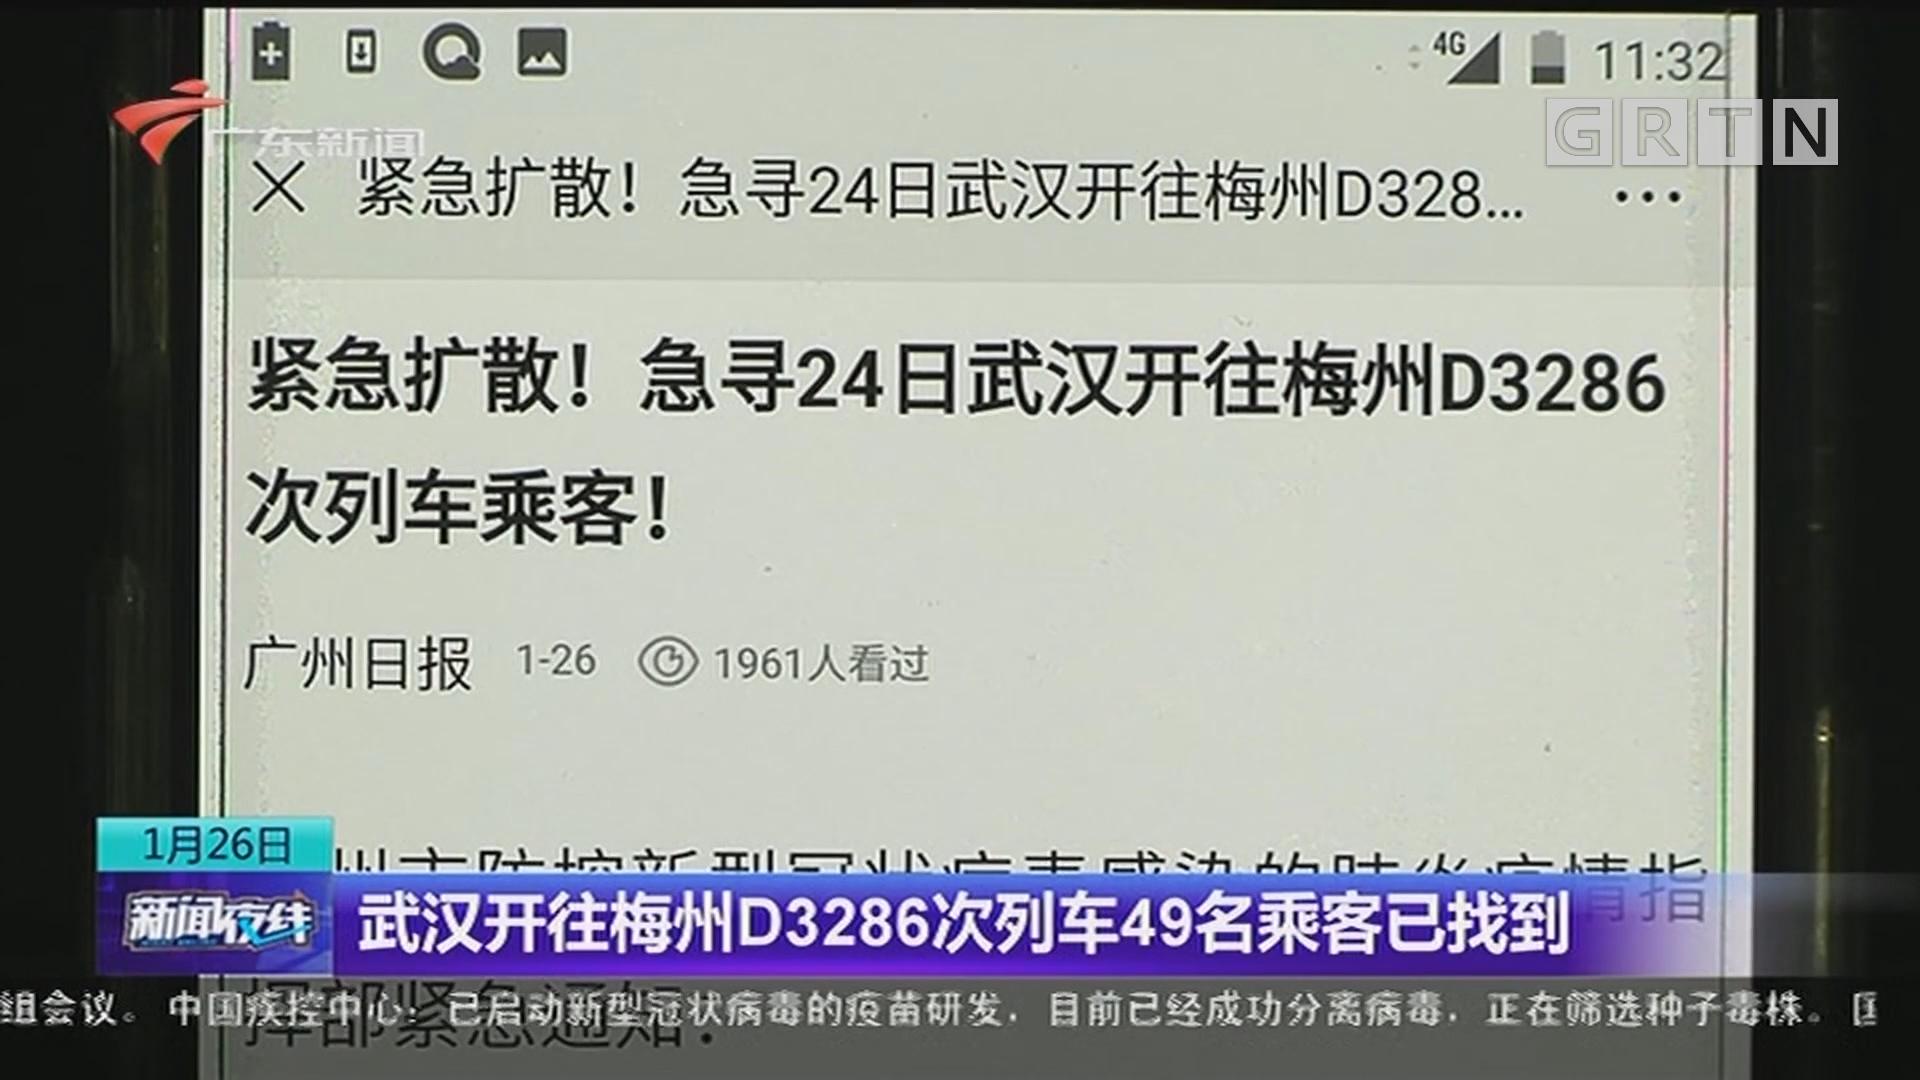 武汉开往梅州D3286次列车49名乘客已找到